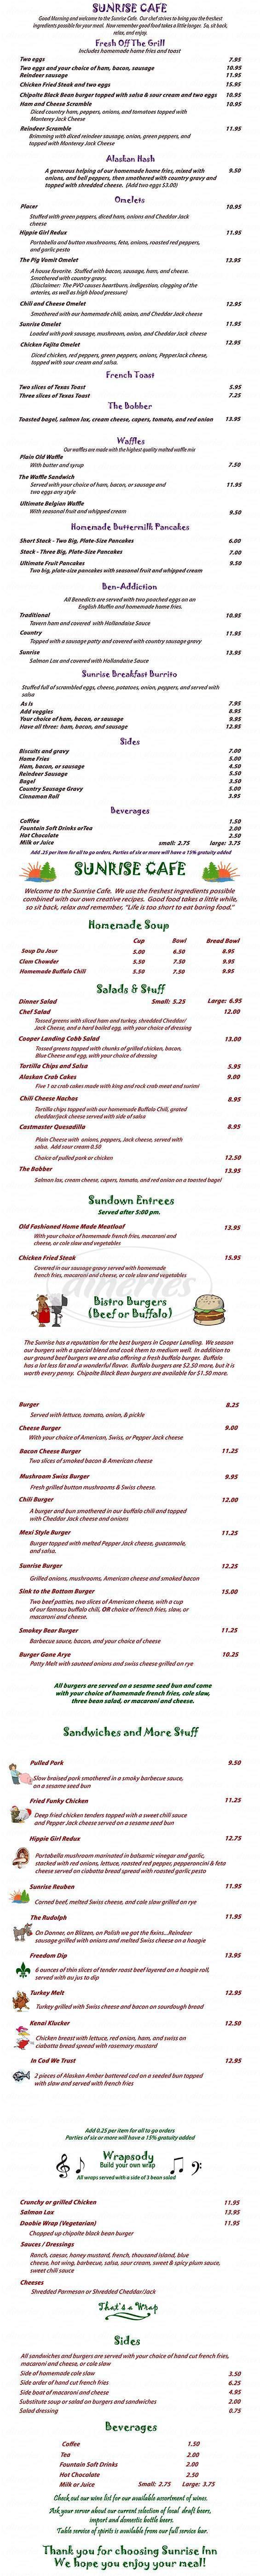 menu for Sunrise Inn